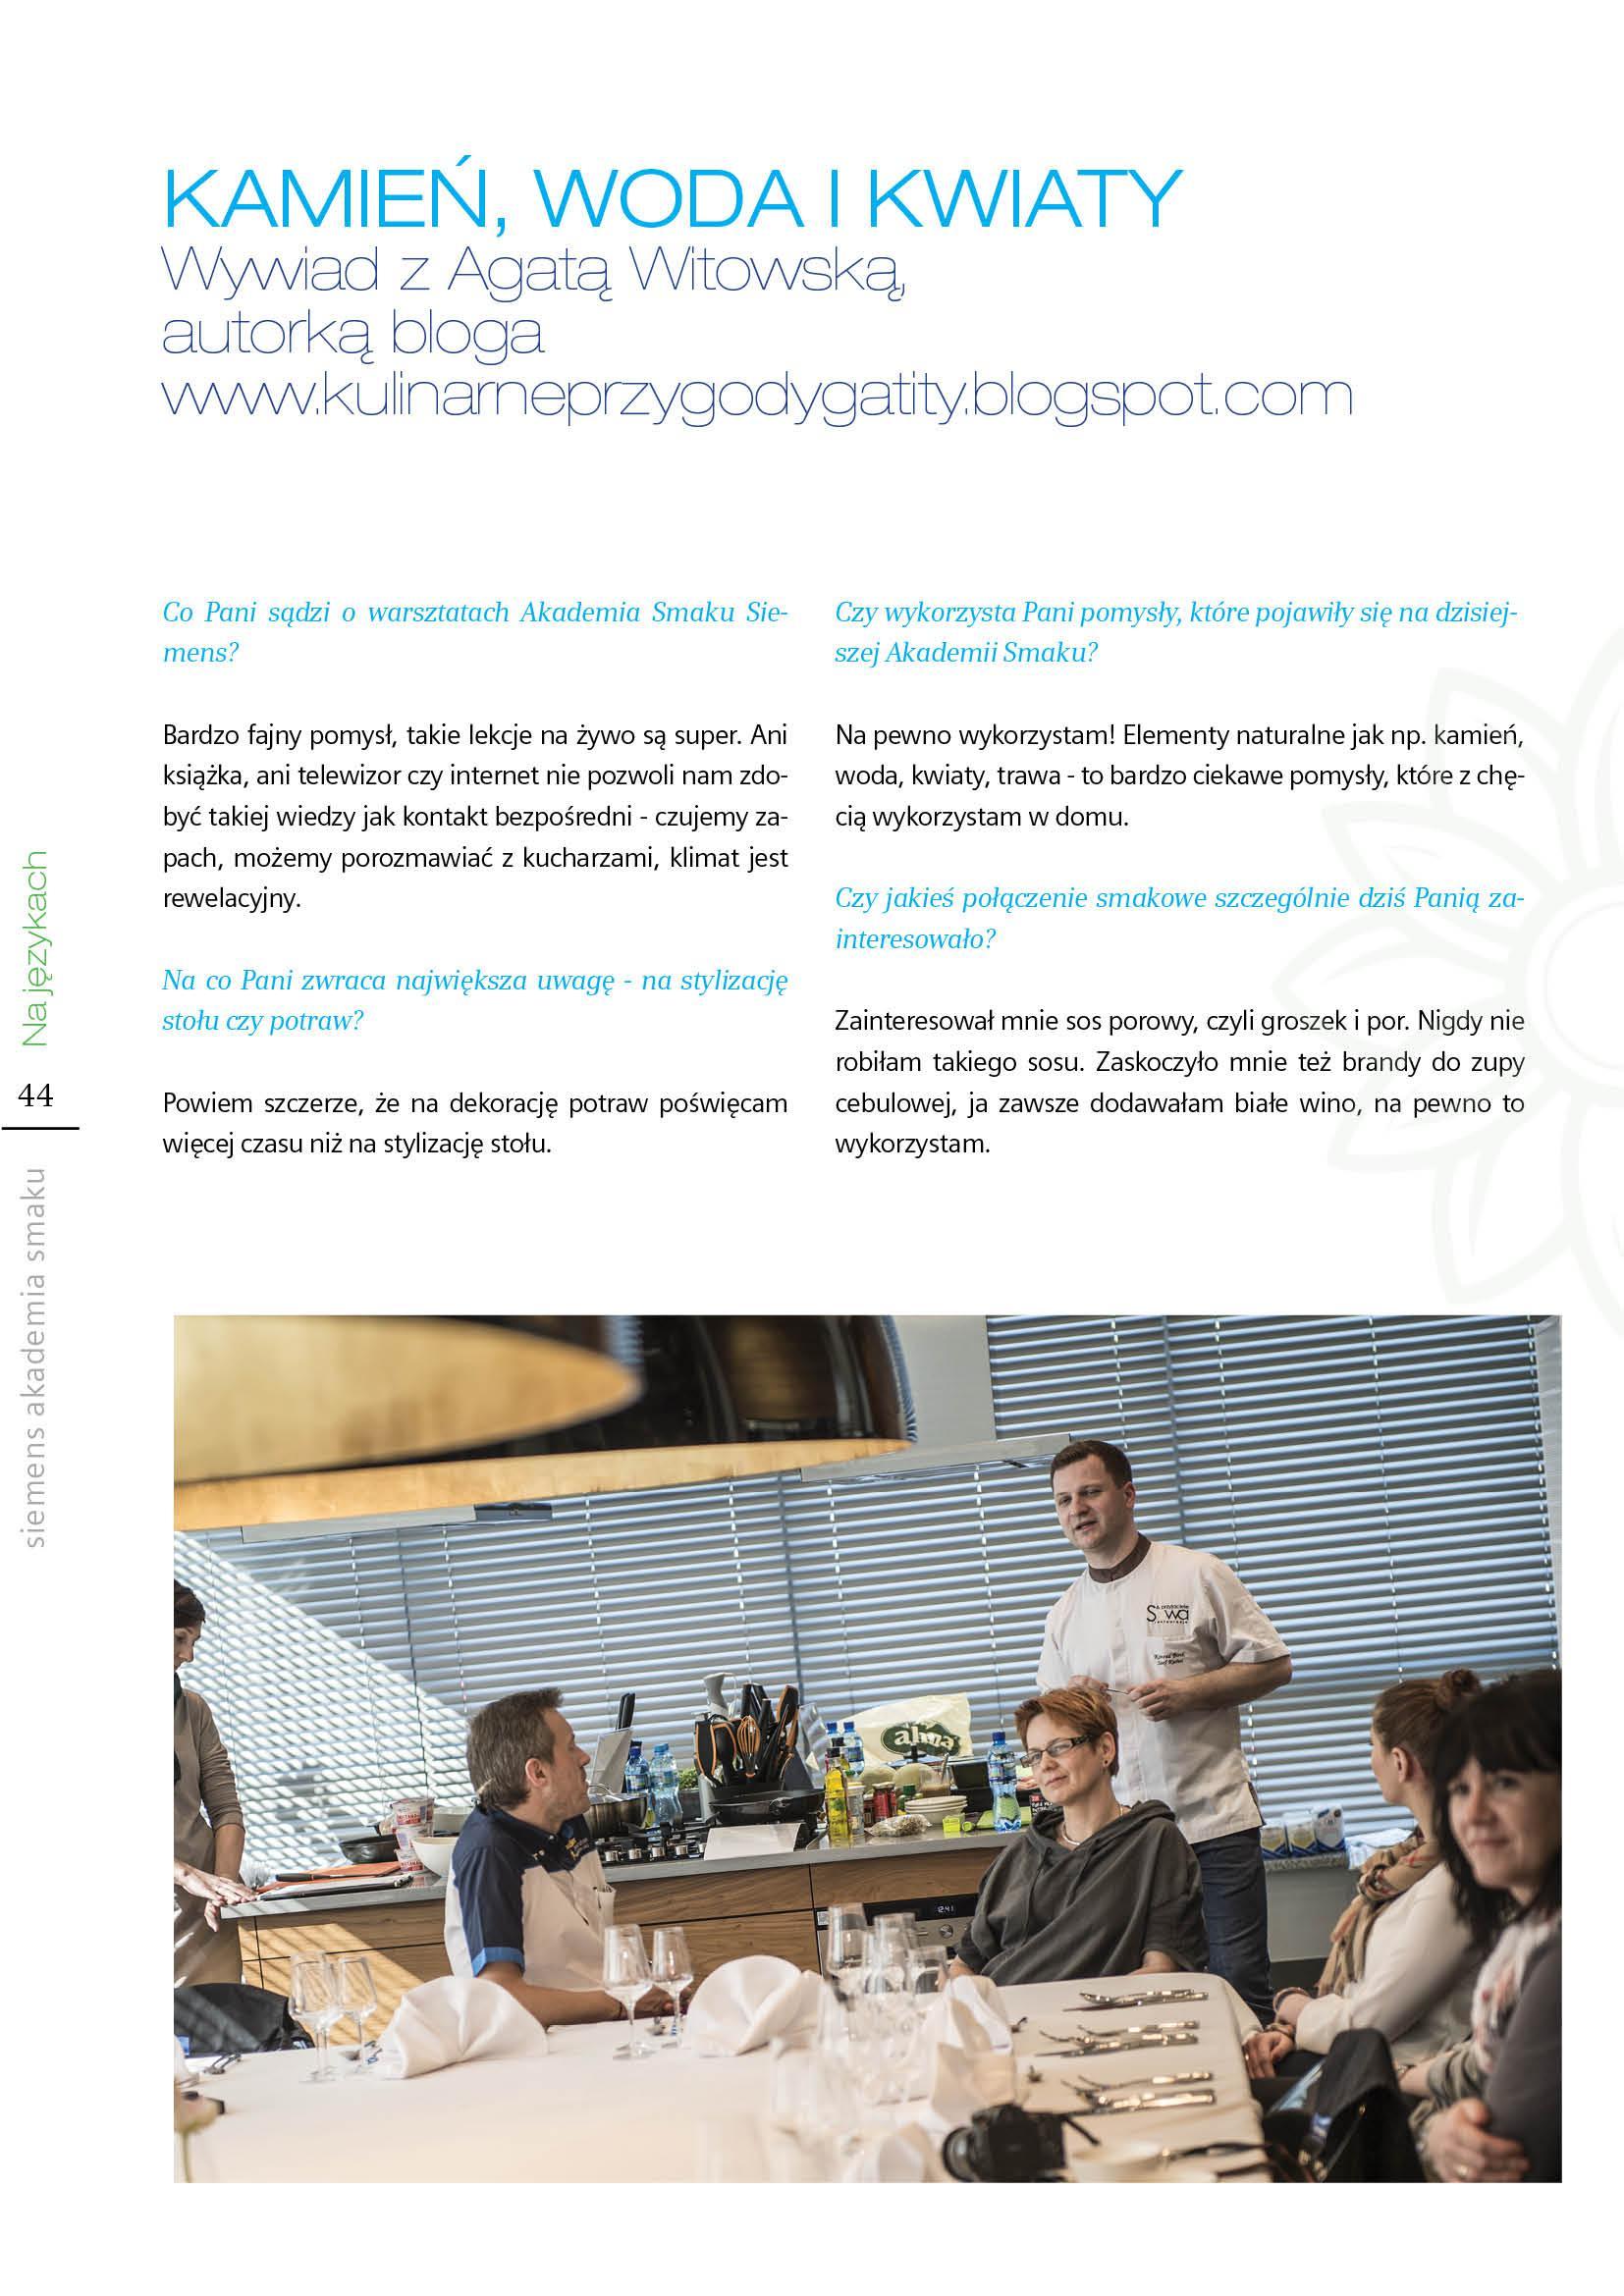 Dekoracja stołu - Strona 44